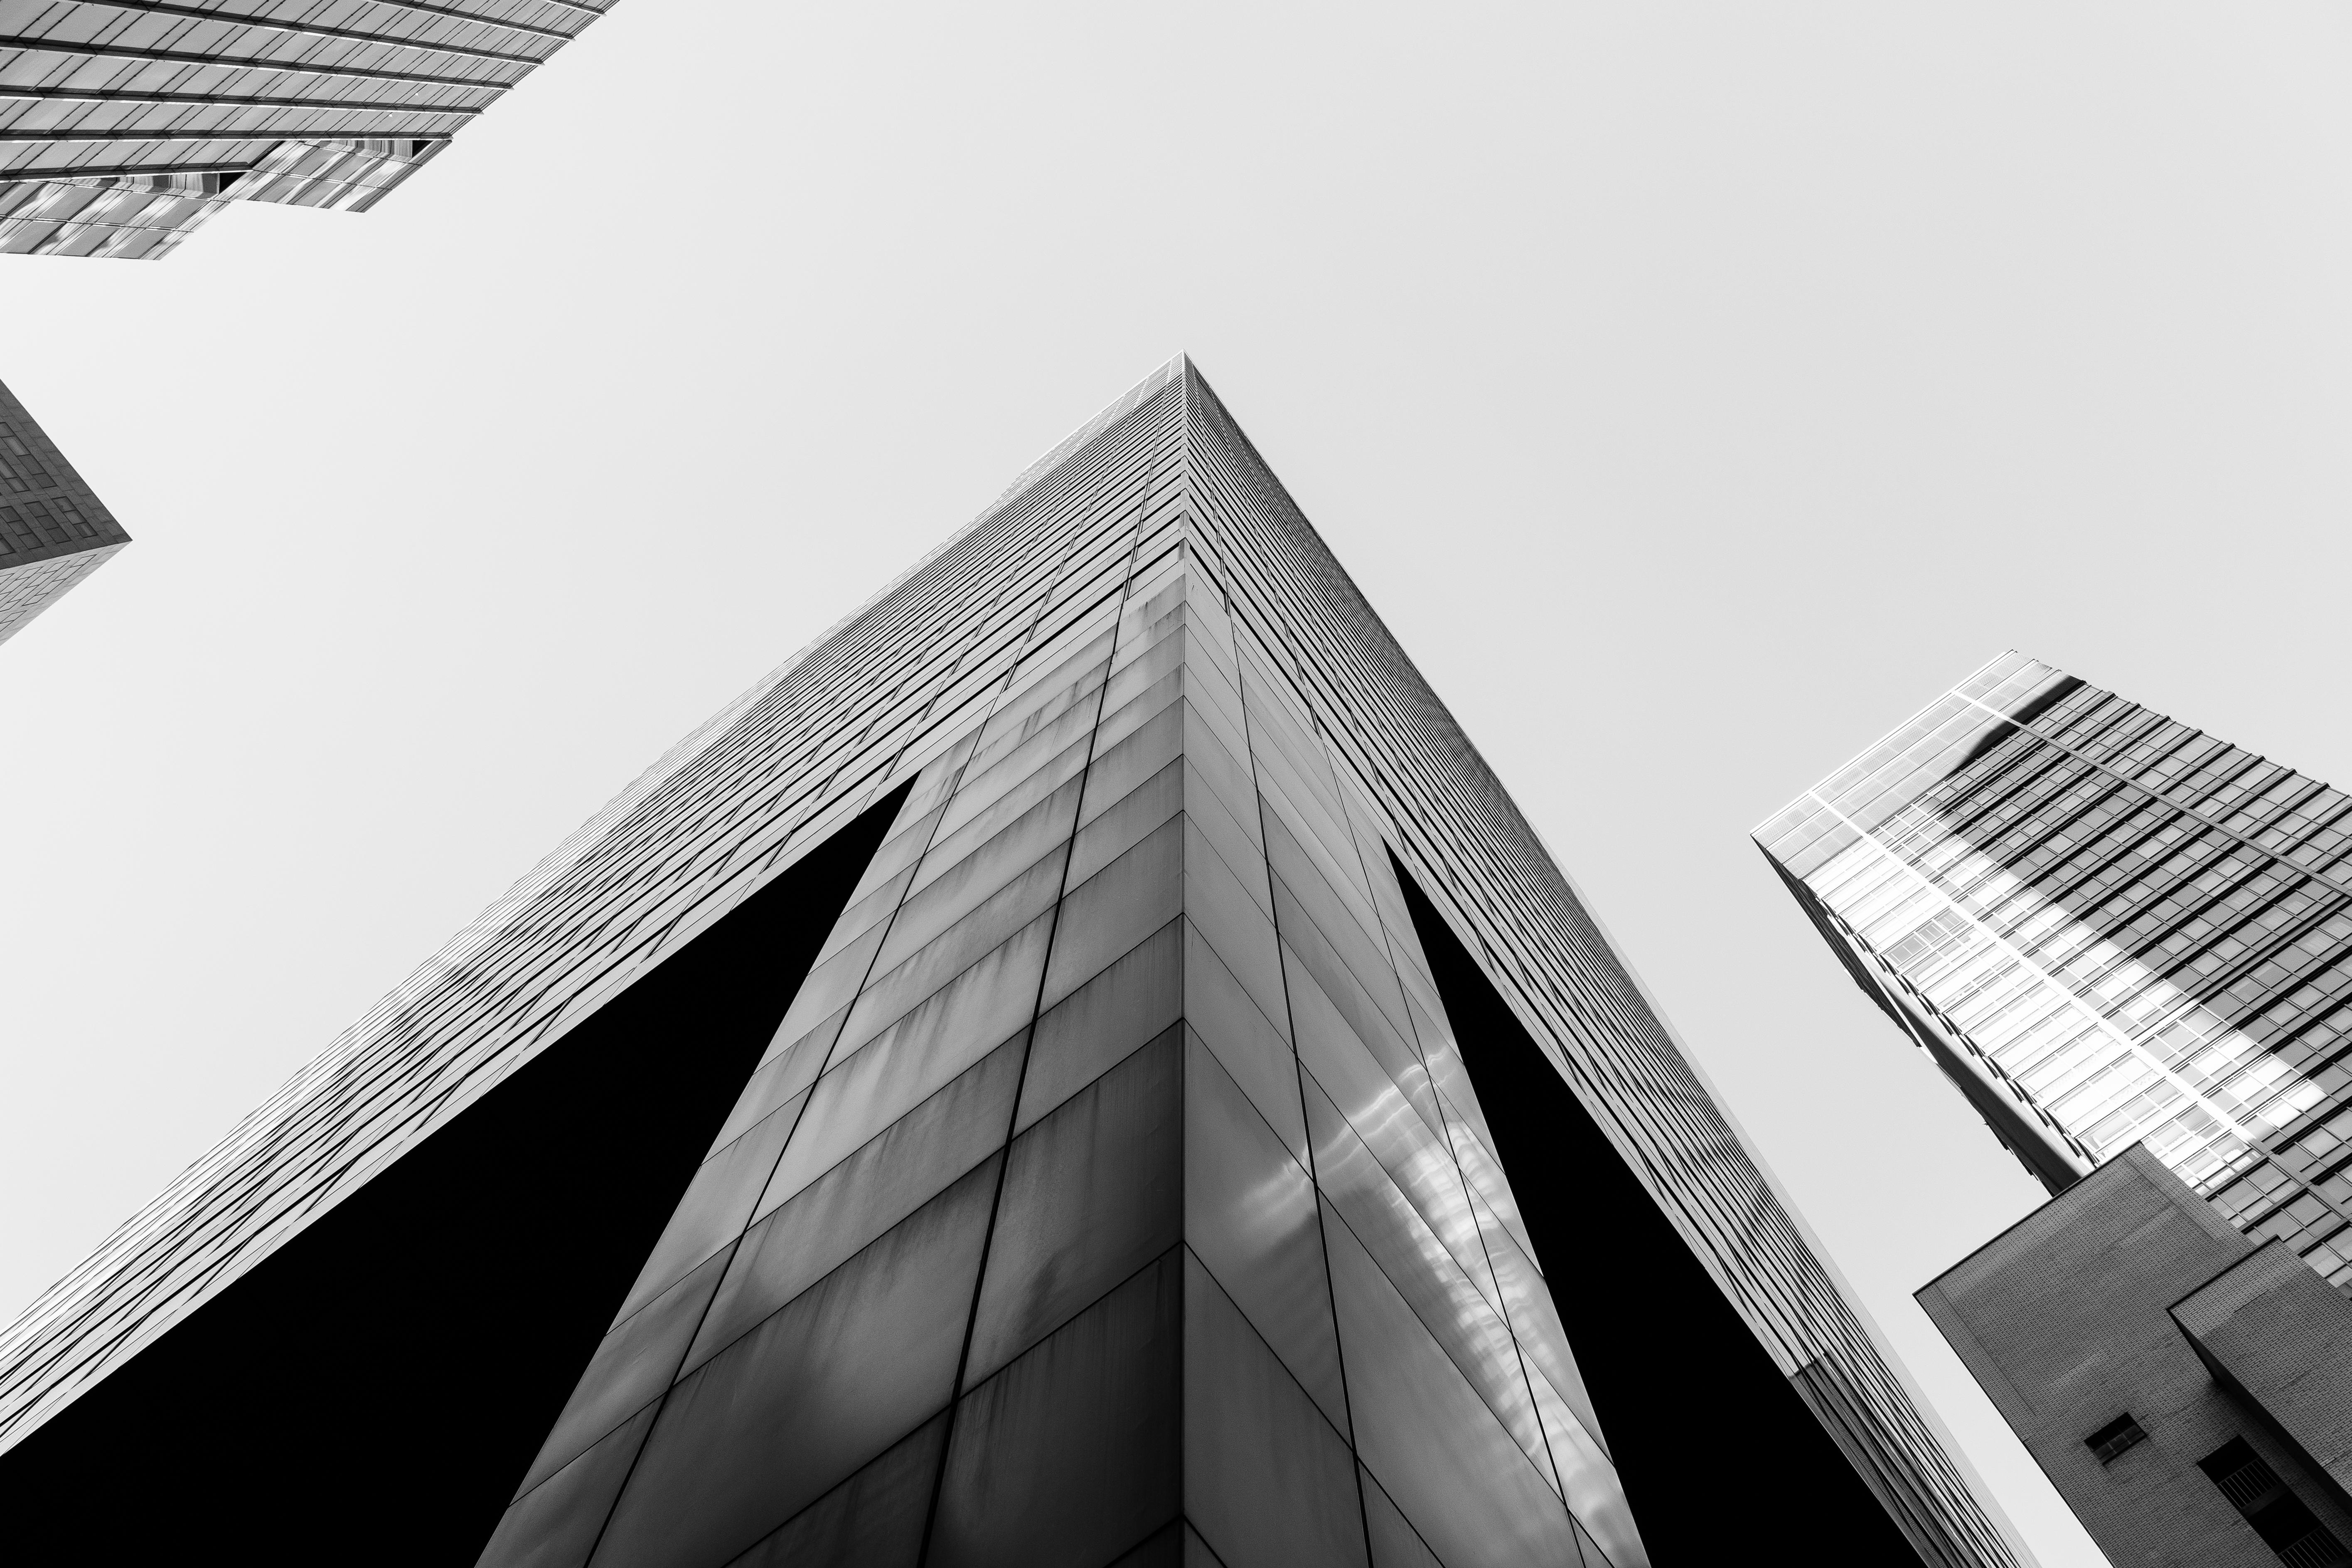 Wallpaper der woche wolkenkratzer in schwarz wei giga - Wallpaper architektur ...